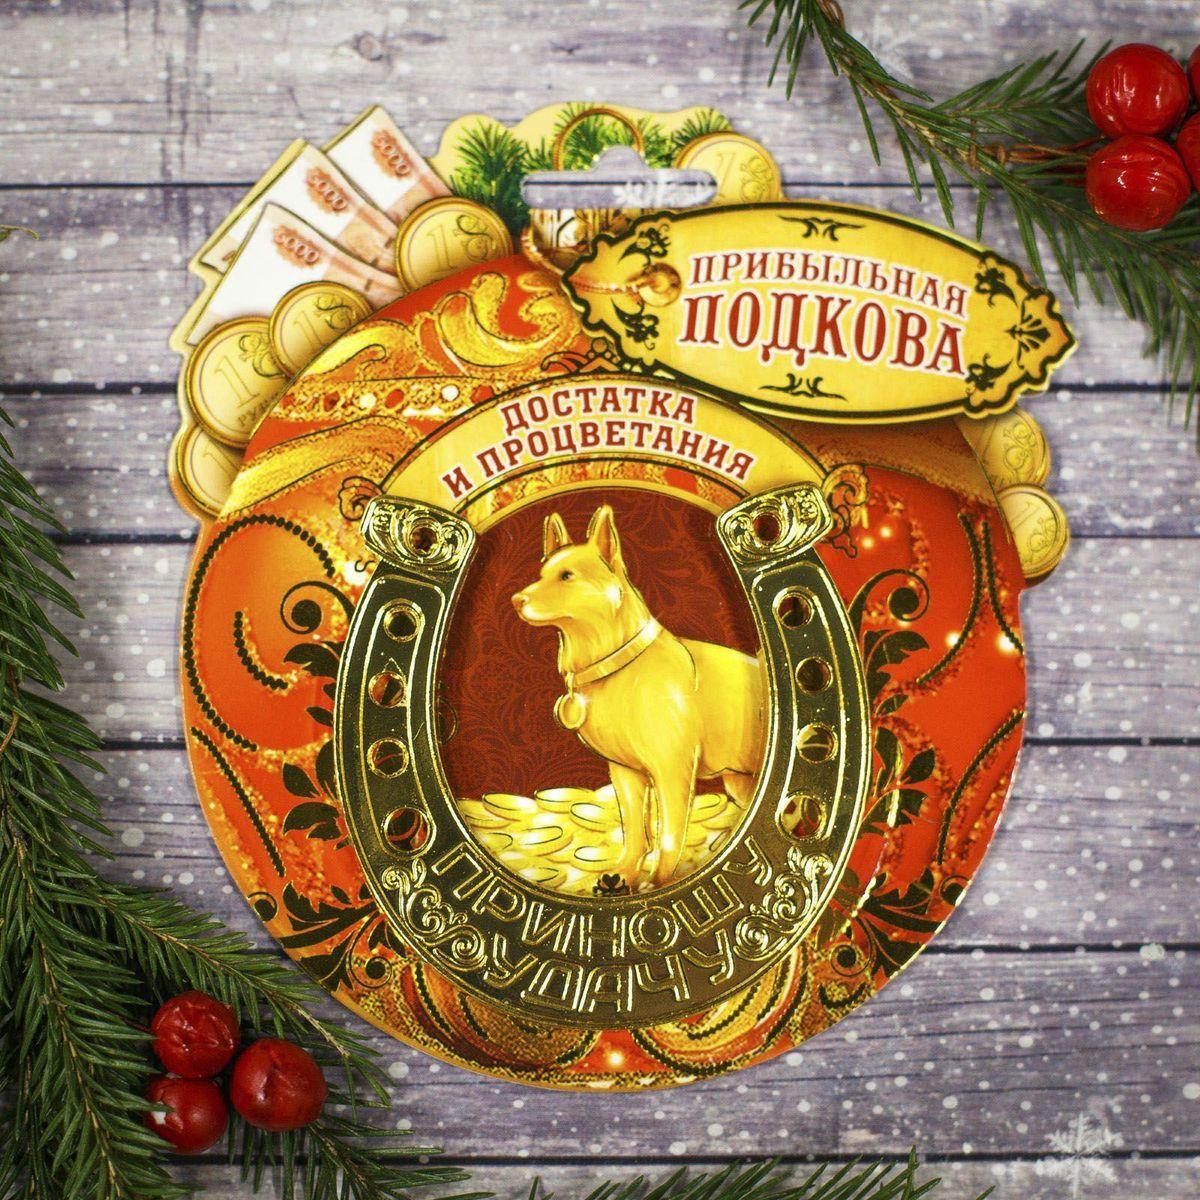 Подкова на подложке Sima-land Прибыльная, 7 см, цвет: оранжевый2268606Приближаются самые добрые и долгожданные праздники — Новый год и Рождество И каждого из нас ждет оригинальный и полезный подарок. Обереги или талисманы — это чудесные сувениры, способные привлечь счастье, успех и достаток, стоит лишь расположить их на рабочем столе дома или в офисе! Или носить с собой в качестве оберега. Такие подарки прекрасно впишутся в любой интерьер и станут отличным атрибутом праздника, а также станут отличным оберегом своего хозяина.